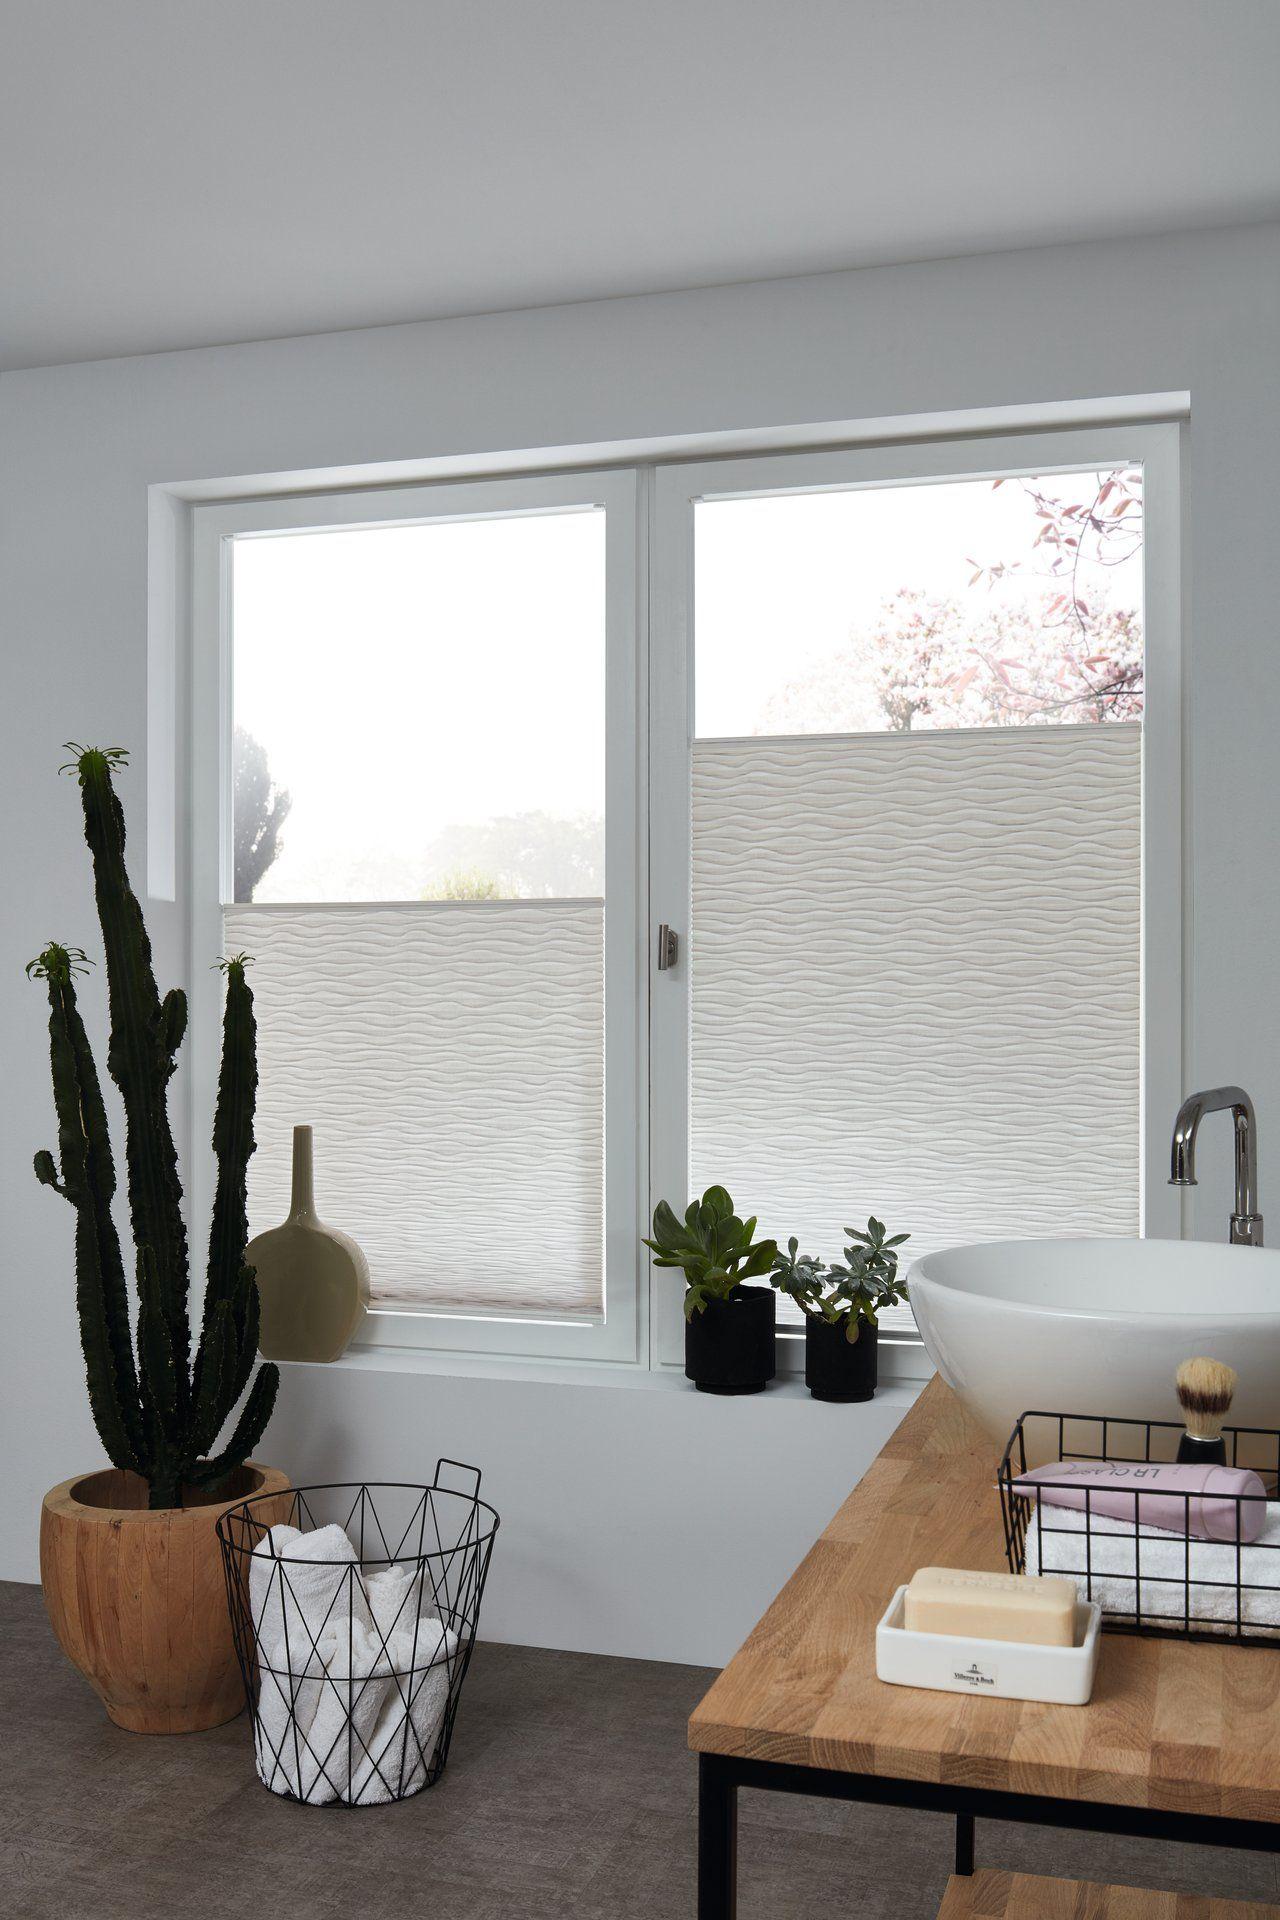 Duette Skyline Plissee Style Ocean Von Jab Anstoetz Badezimmer Ohne Fenster Haus Modernisieren Badezimmer Grundriss